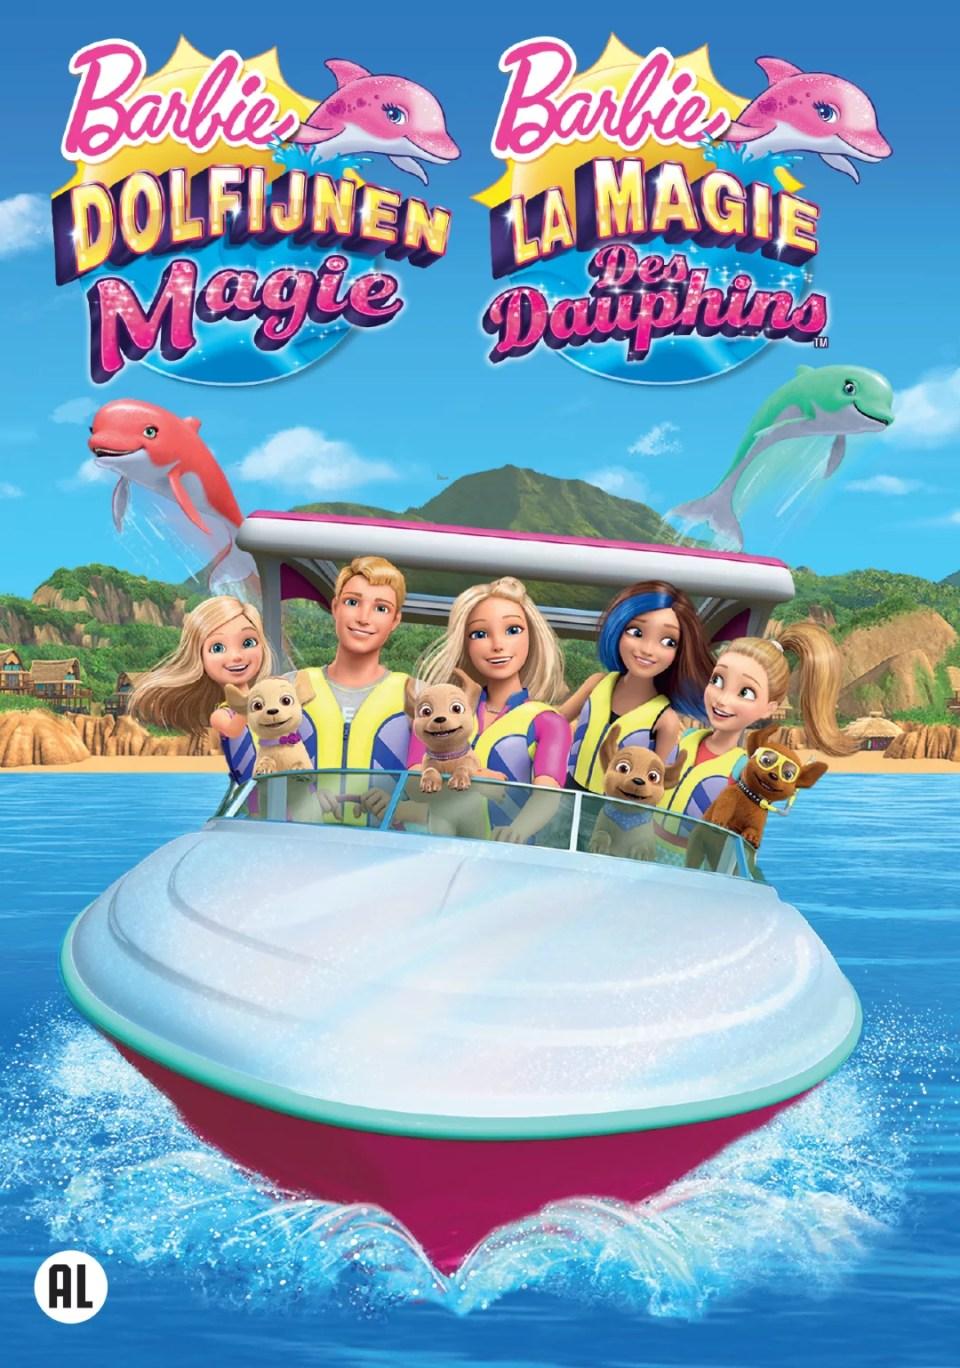 Barbie, dolfijnen magie